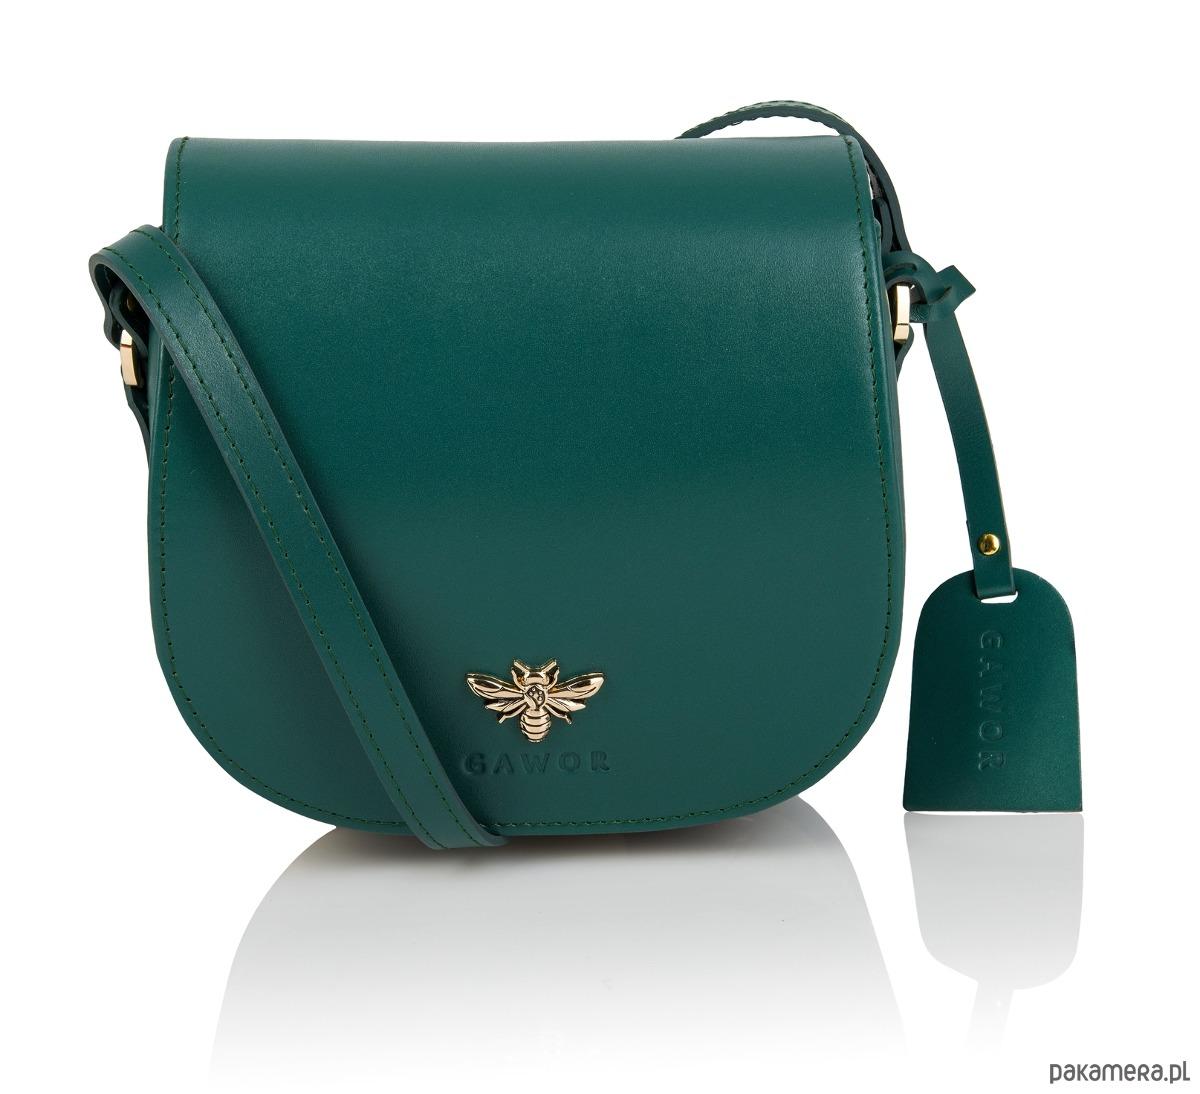 272ac4dcd28e8 Skórzana zielona listonoszka złote dodatki - torebki mini - Pakamera.pl